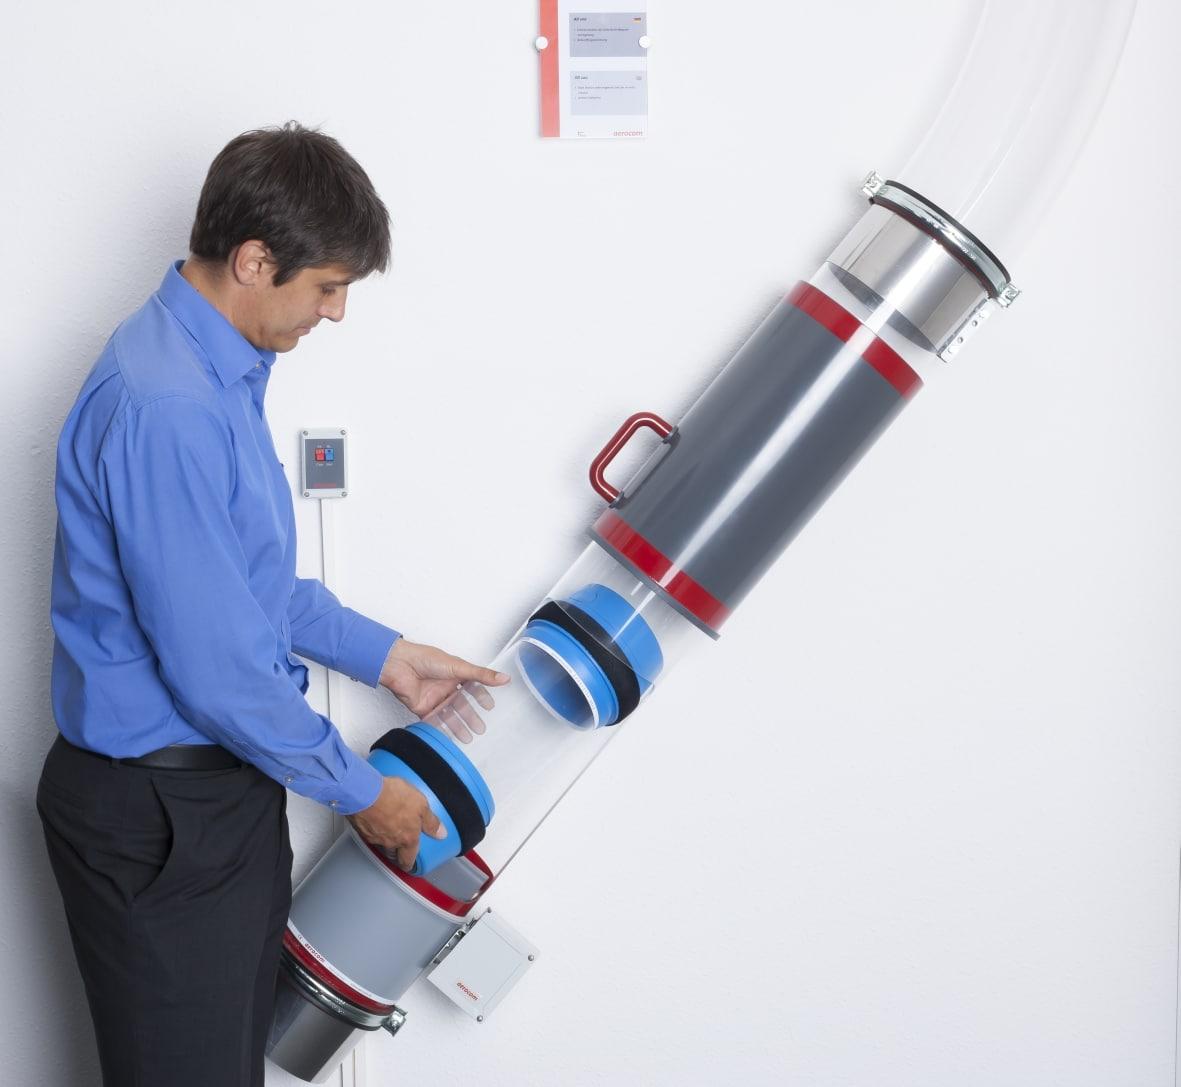 Transport pneumatique : découvrez les solutions Aerocom - système point-point